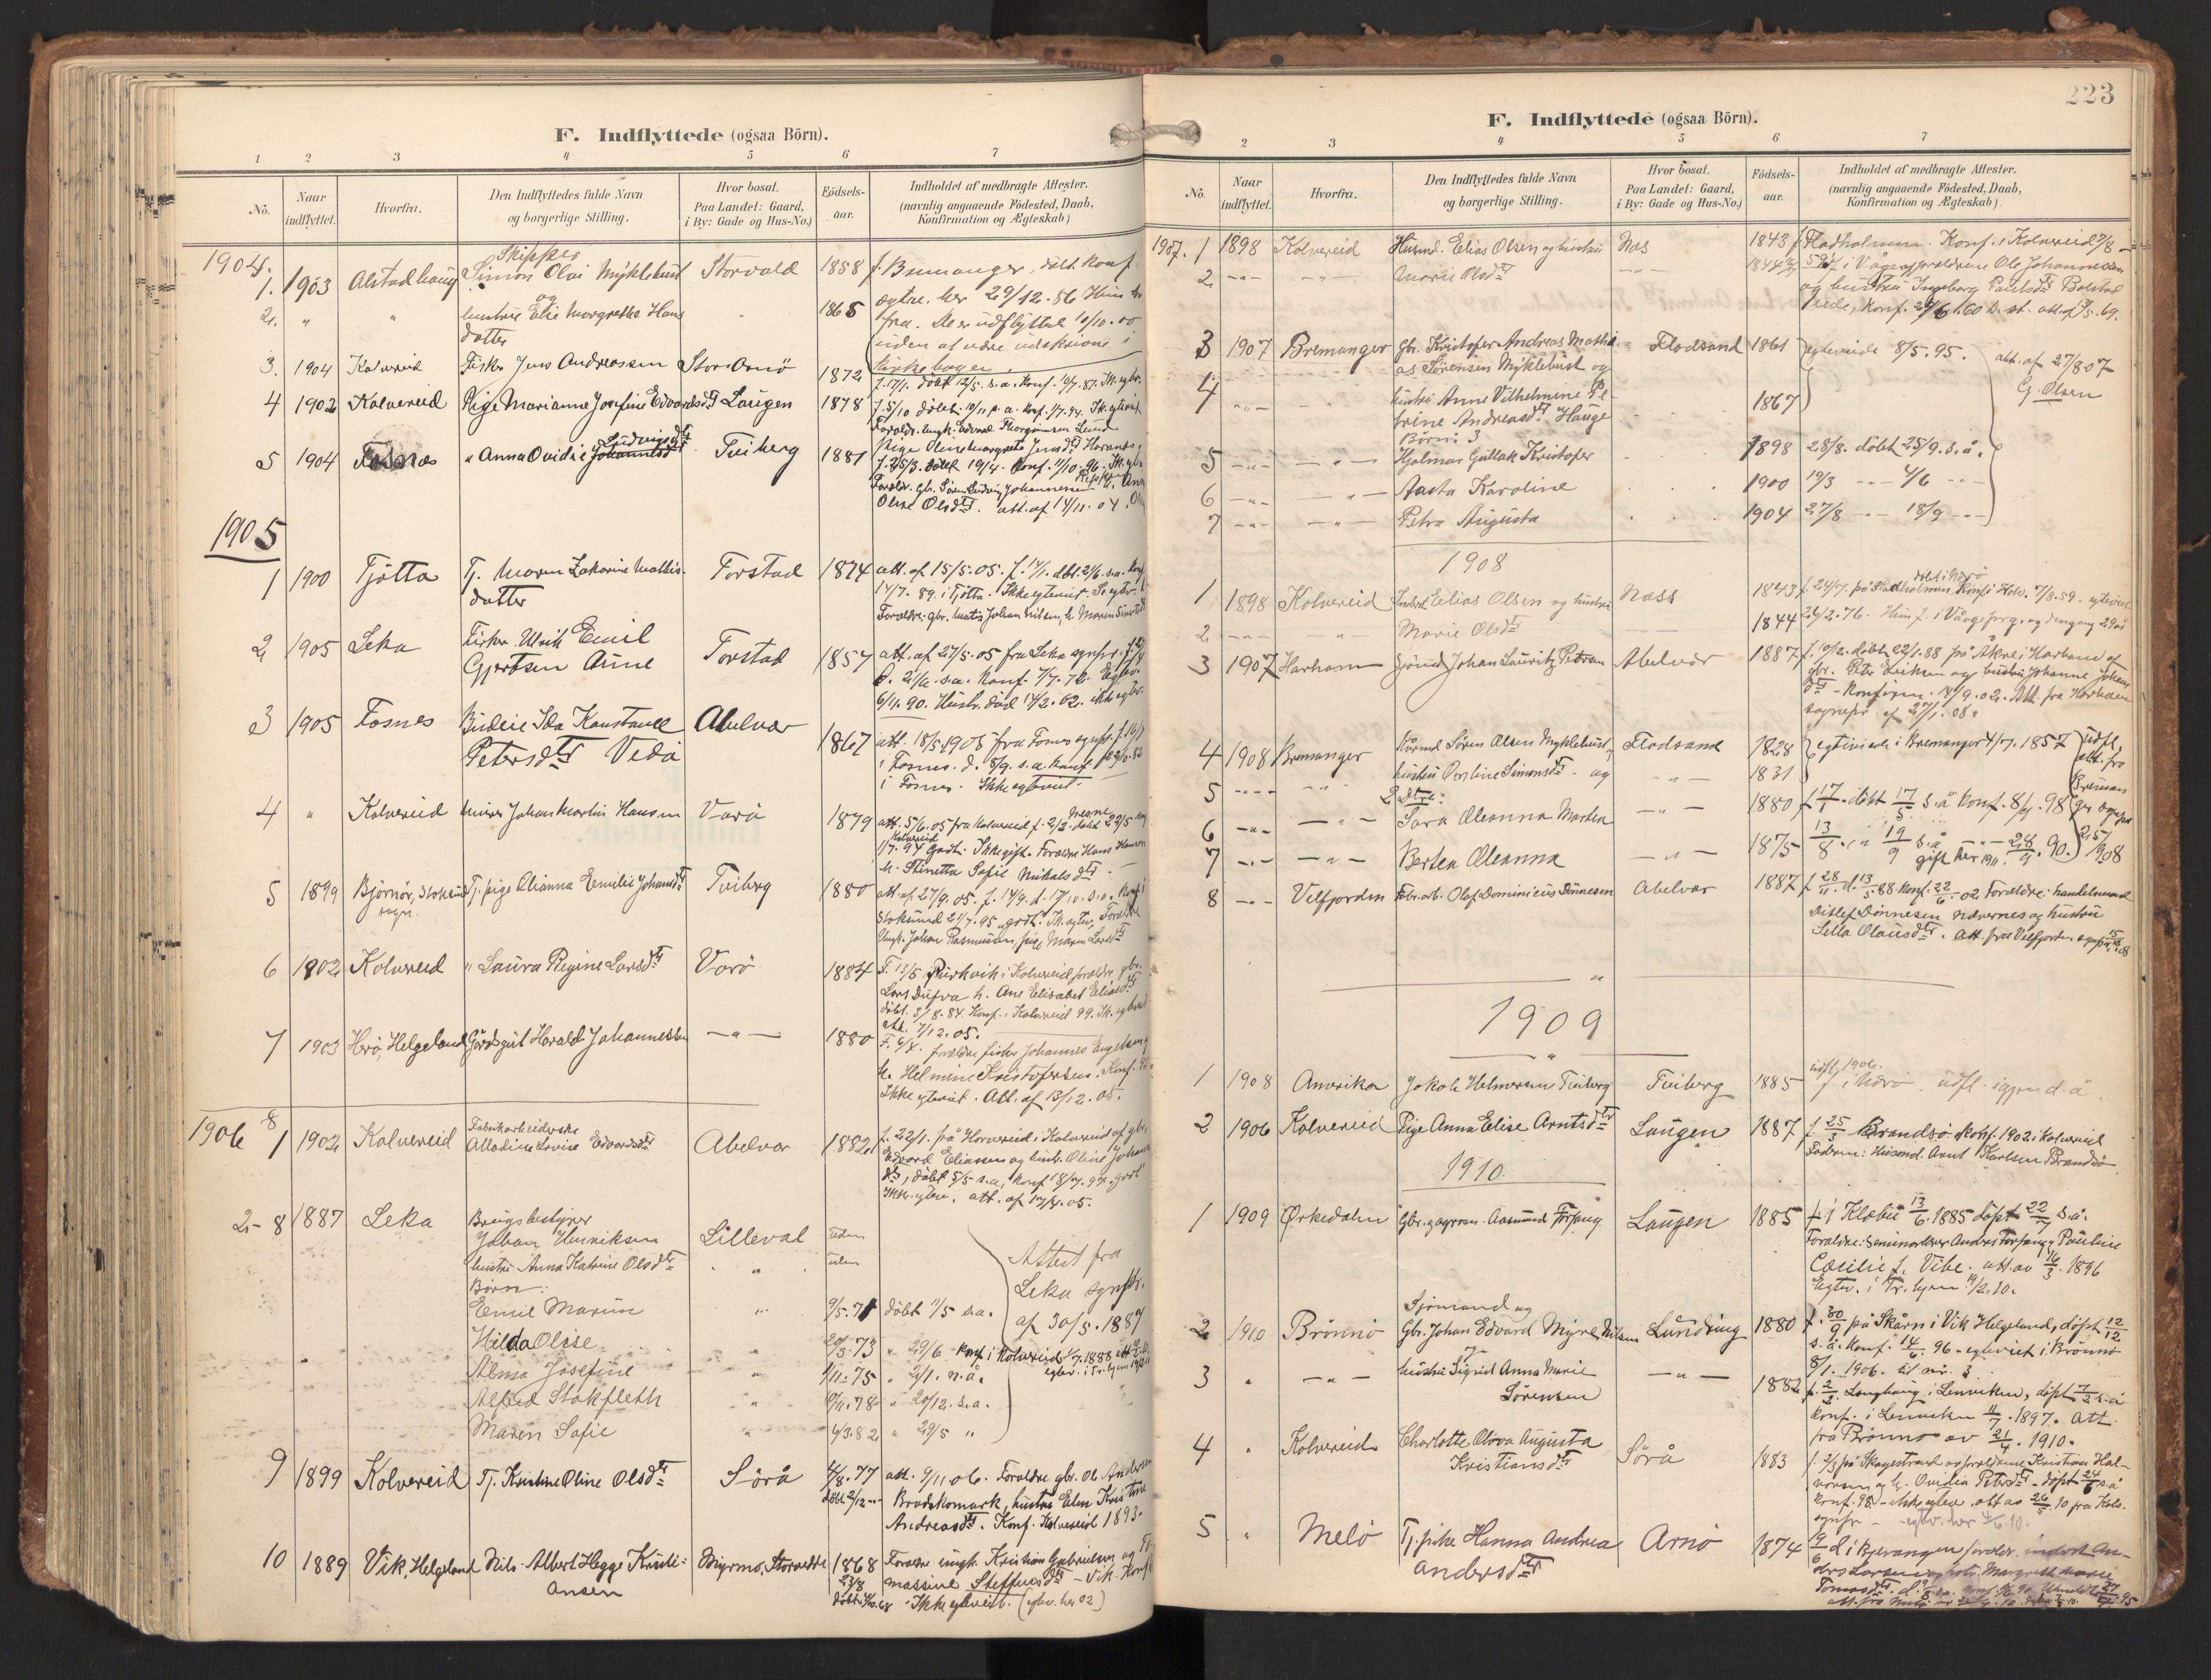 SAT, Ministerialprotokoller, klokkerbøker og fødselsregistre - Nord-Trøndelag, 784/L0677: Ministerialbok nr. 784A12, 1900-1920, s. 223